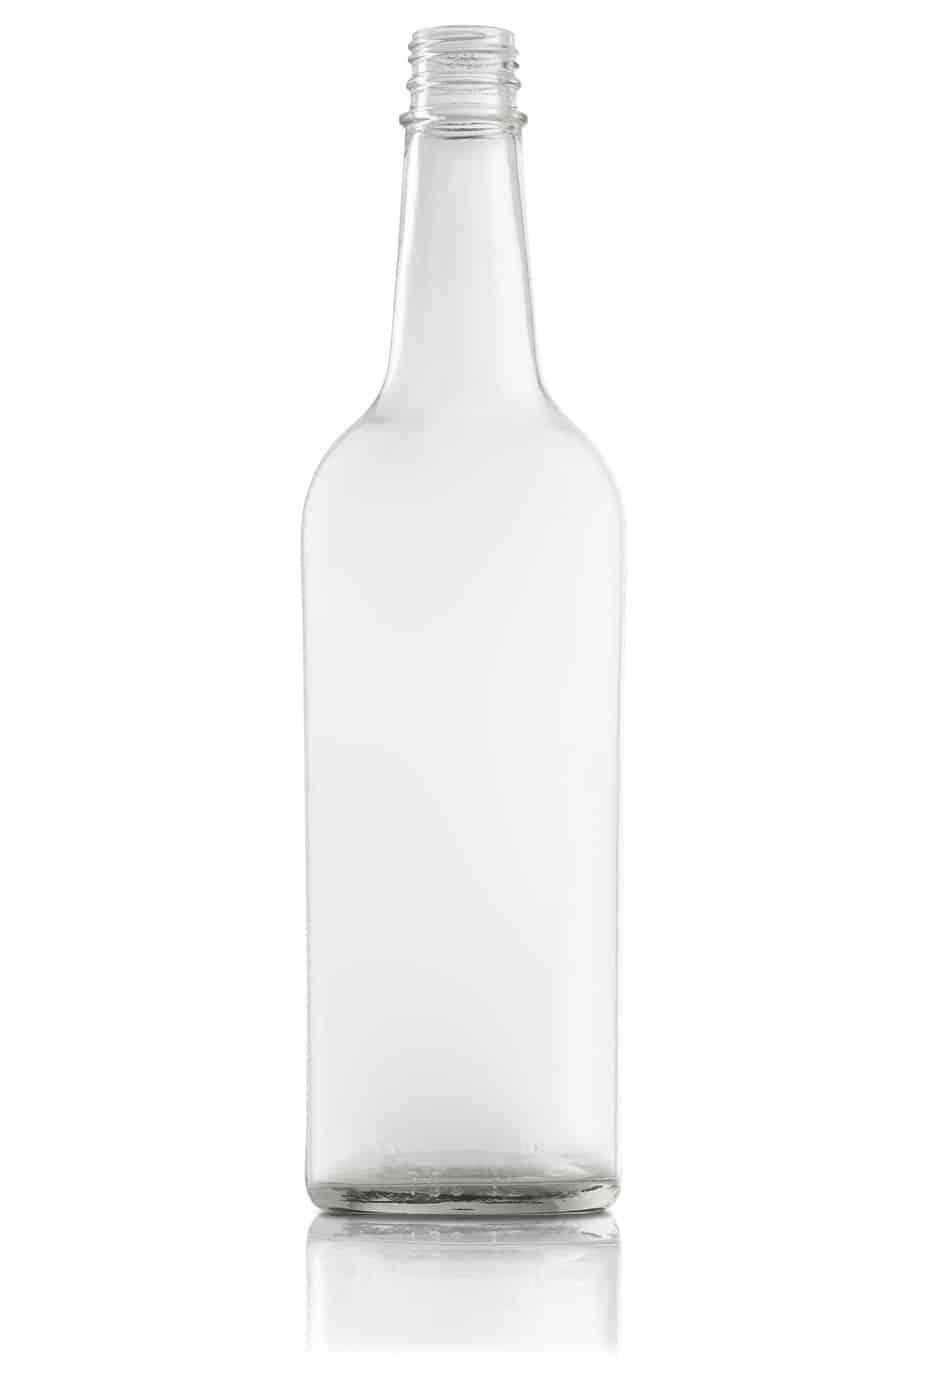 750ml NNPB Liquor FL 28-350 FB